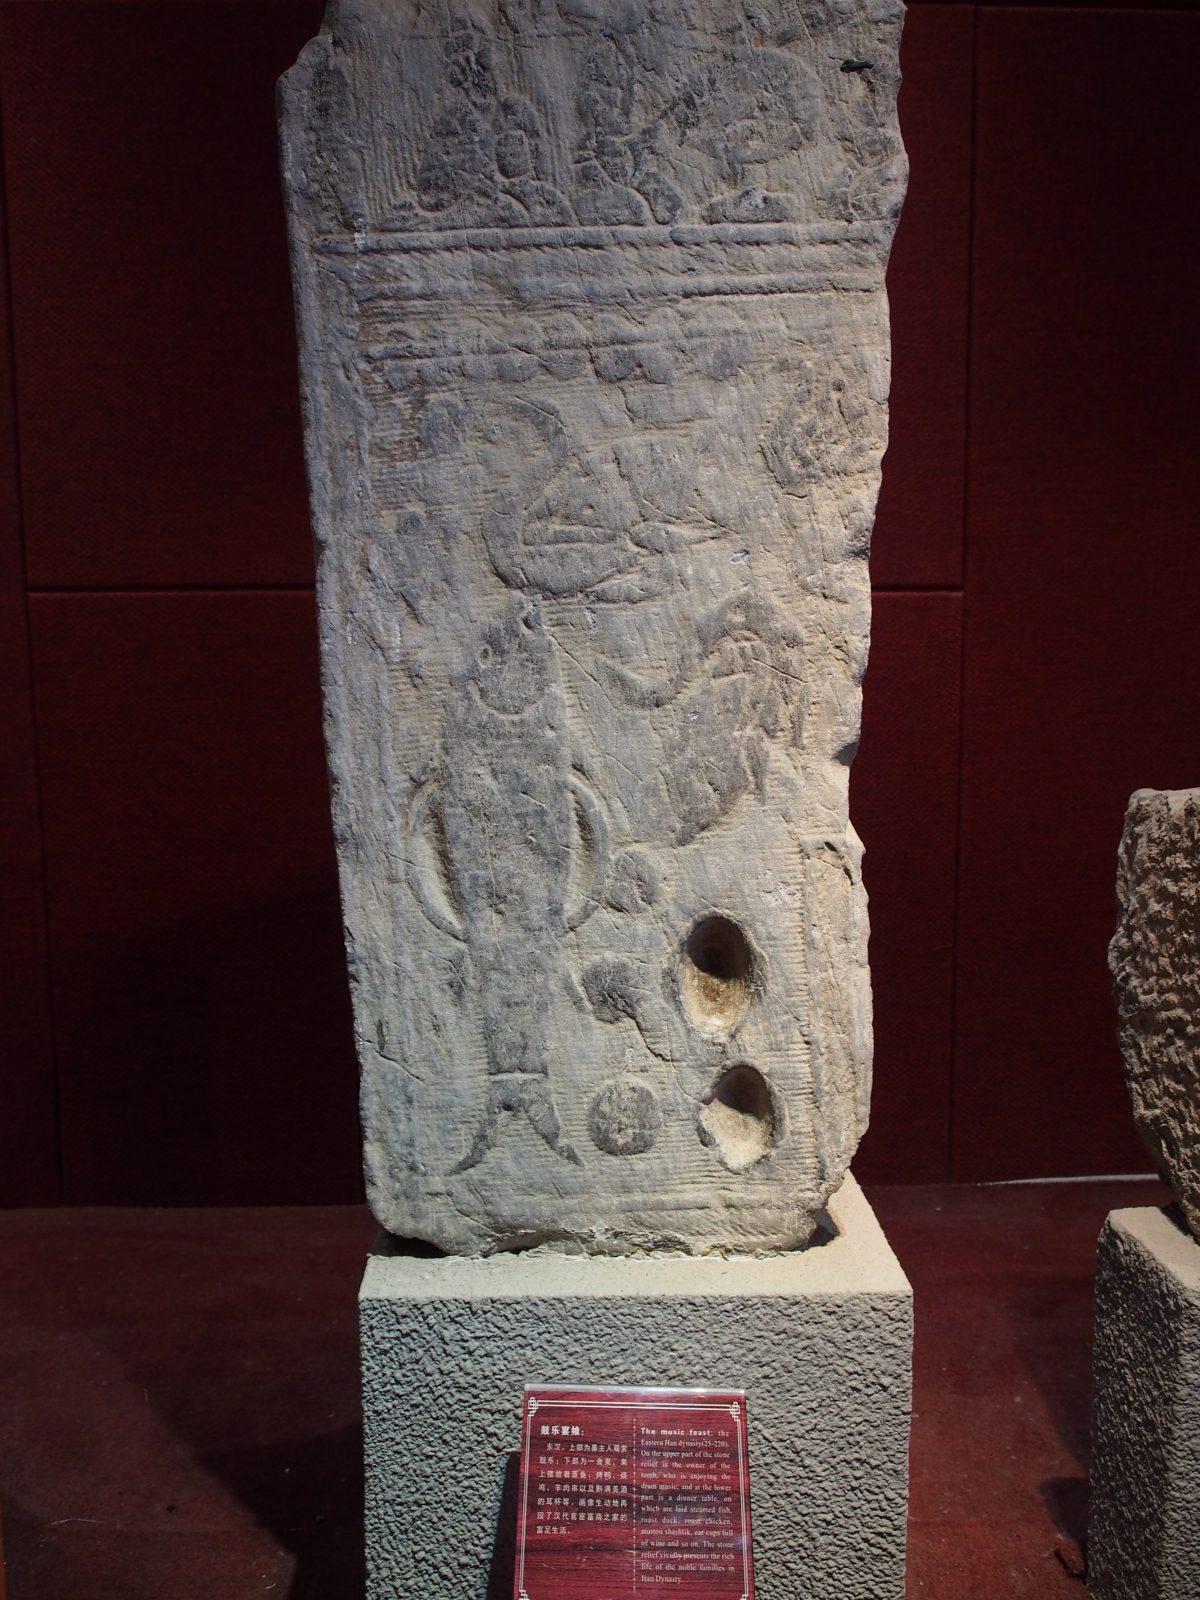 东汉·鼓乐宴飨画像石